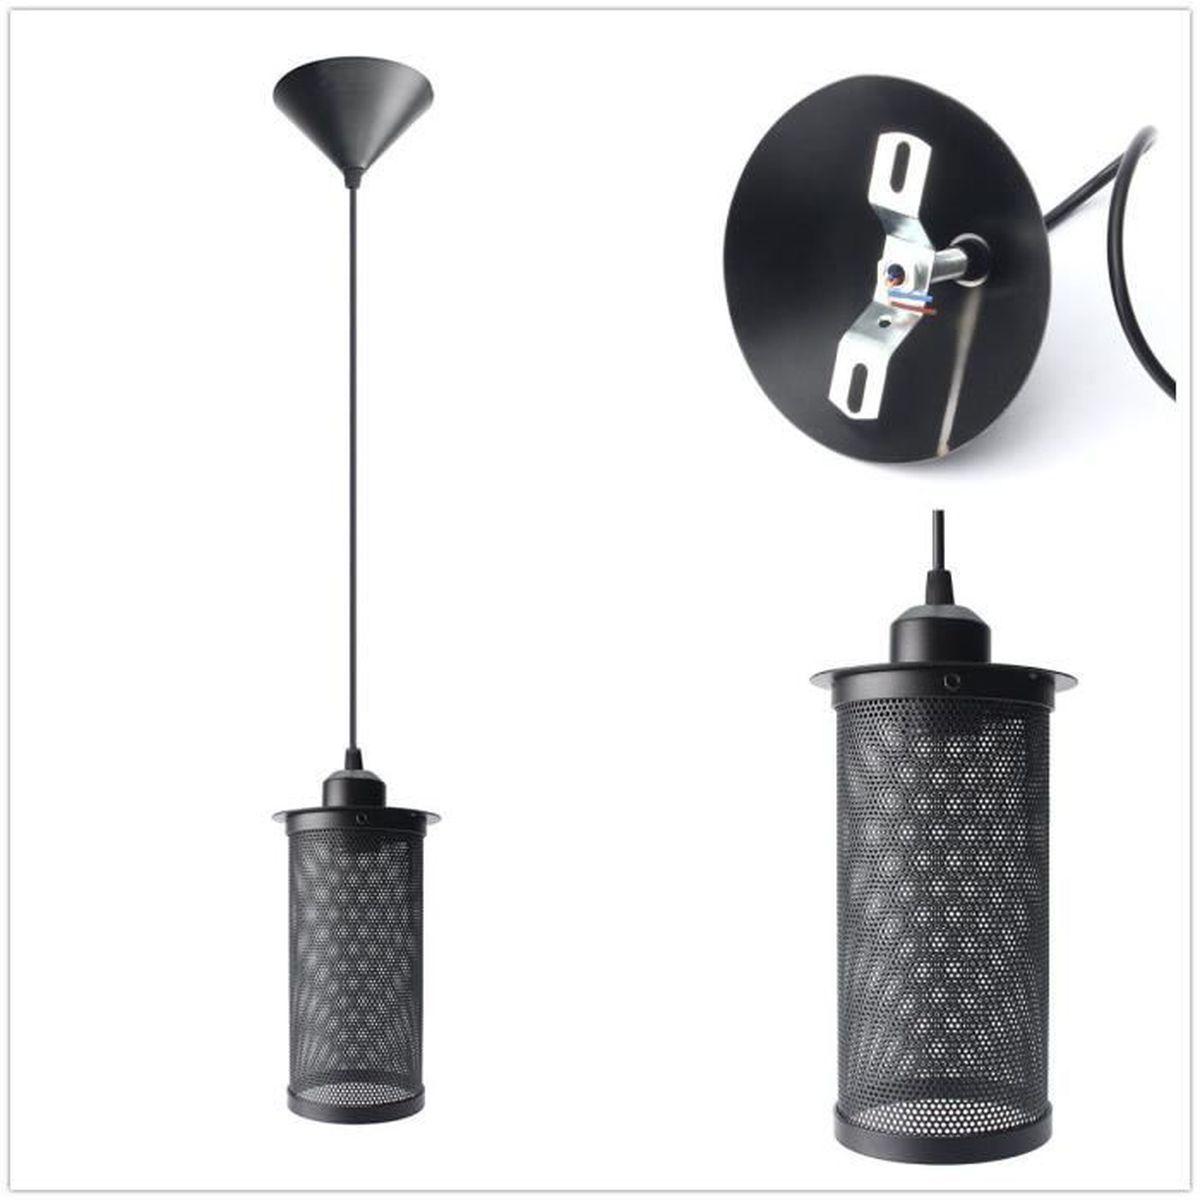 Lampe Suspension Abat Jour Avec Douille E27 Lustre Plafonnier Retro Vintage Style Industriel